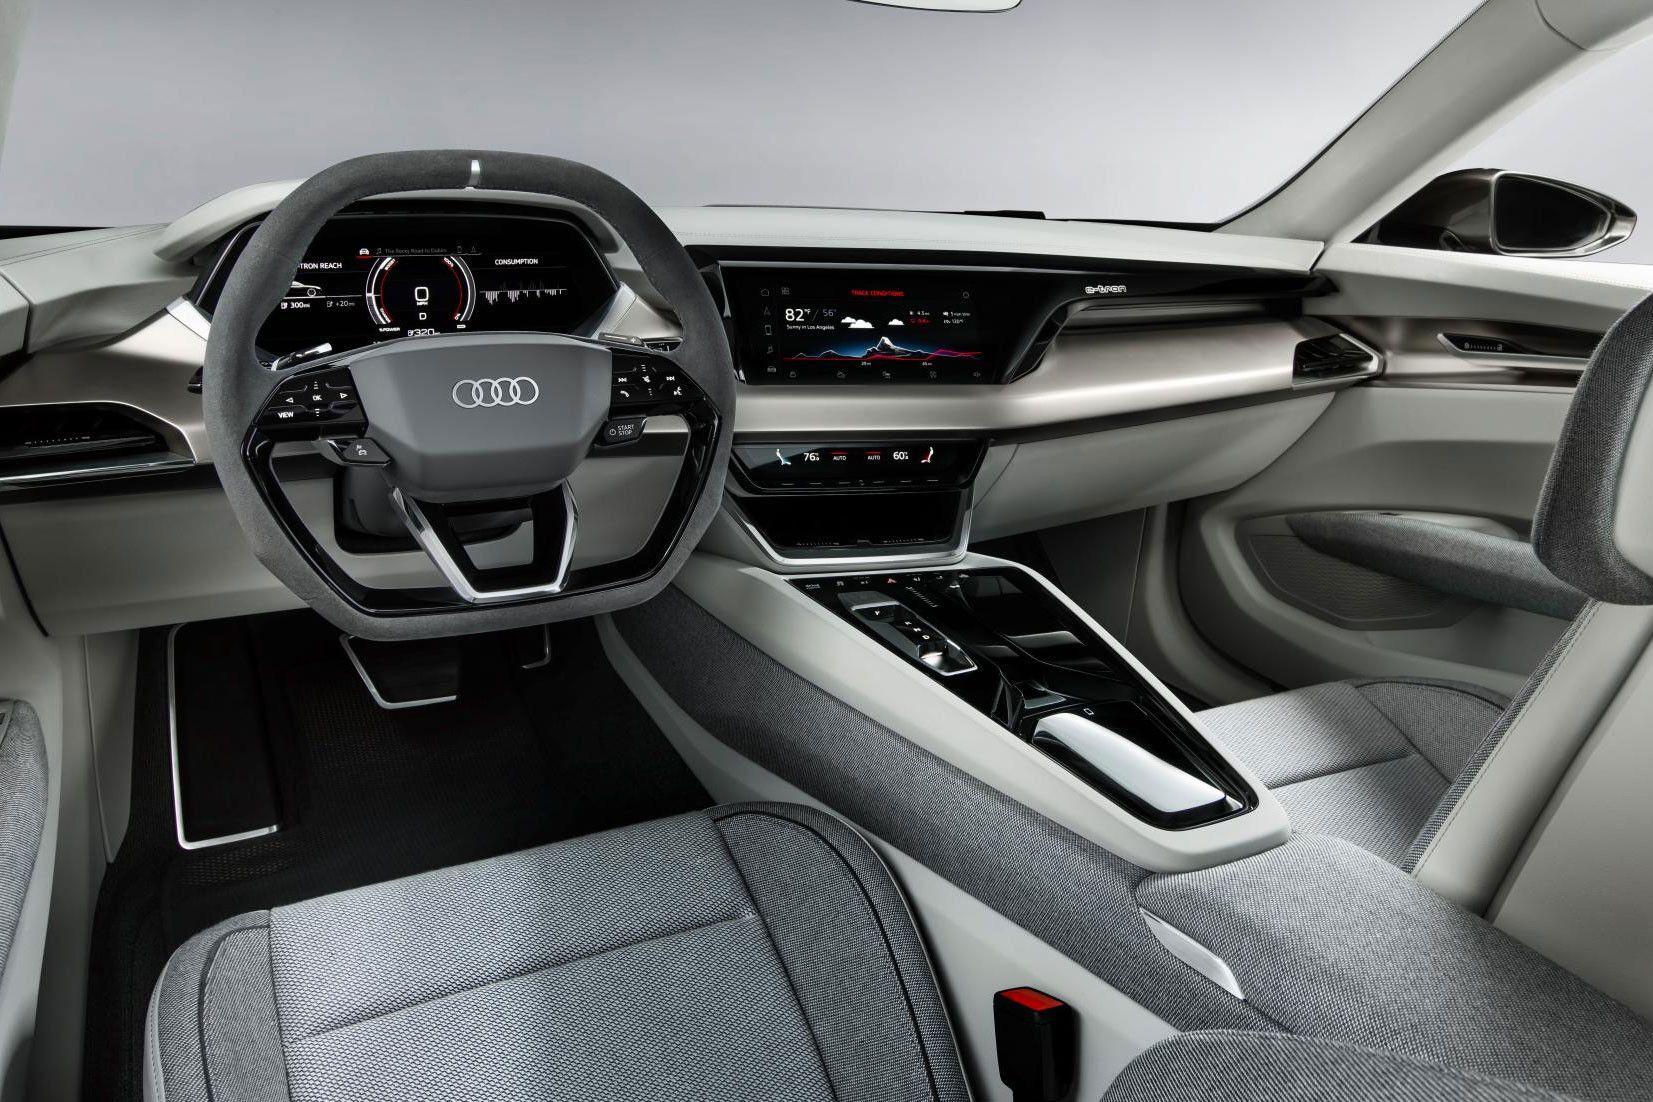 Update Audi S E Tron Gt Electric Concept Car Confirmed For Avengers 4 Audi E Tron E Tron Audi